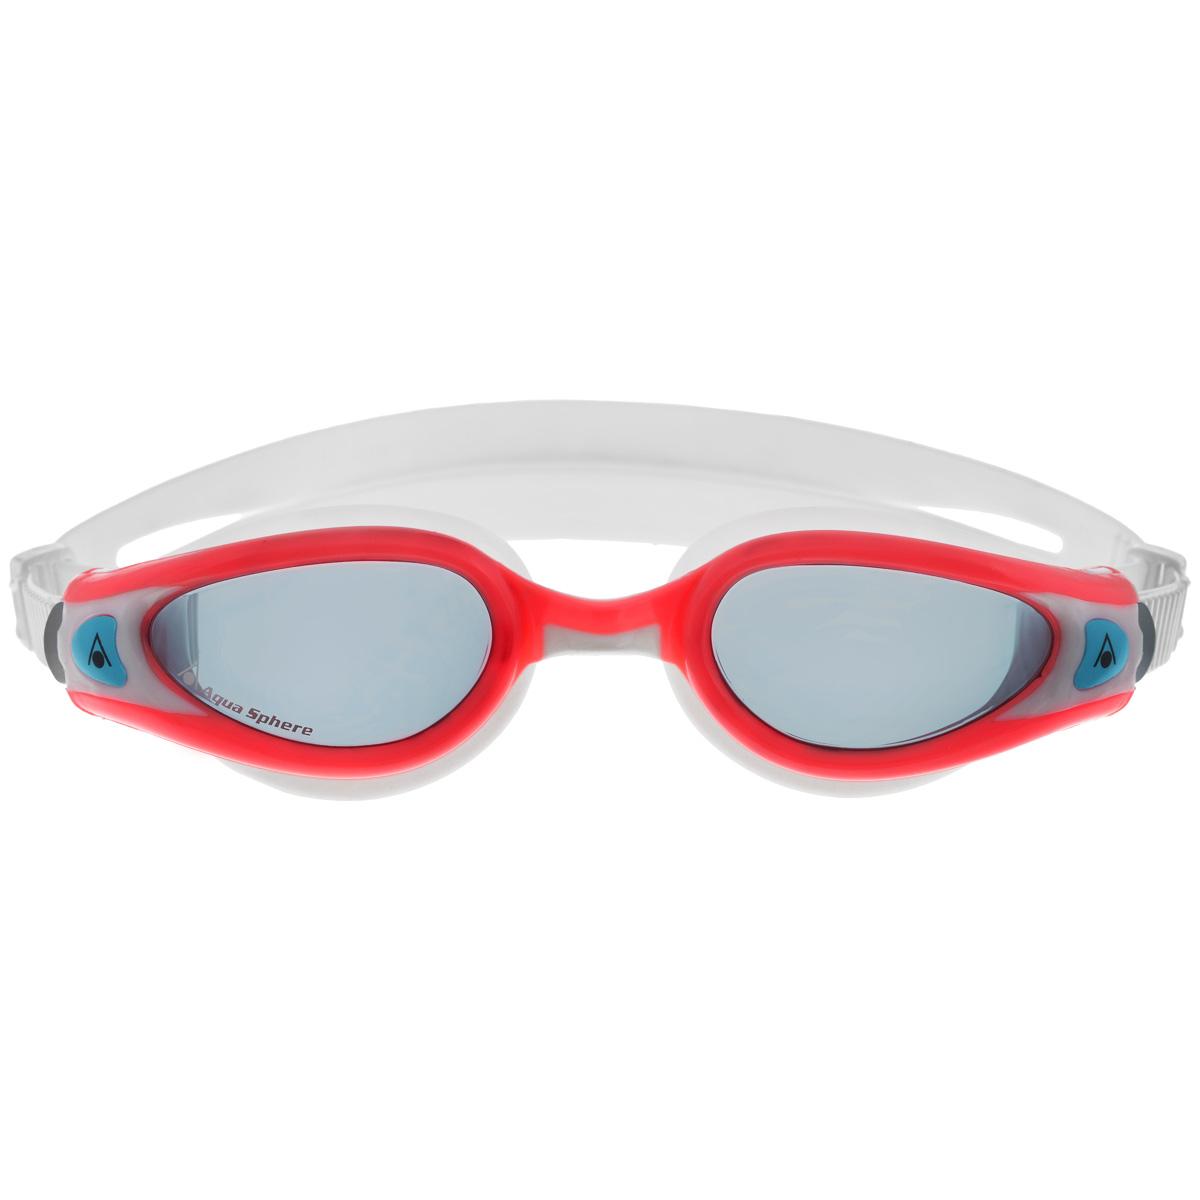 Очки для плавания Aqua Sphere Kaiman Exo Lady, цвет: белый, розовыйTN 175720Модные и стильные очки Kaiman Exo Lady идеально подходят для плавания в бассейне или открытой воде. Особая технология изогнутых линз позволяет обеспечить превосходный обзор в 180°, не искажая при этом изображение. Очки дают 100% защиту от ультрафиолетового излучения. Специальное покрытие препятствует запотеванию стекол. Новая технология каркаса EXO-core bi-material обеспечивает максимальную стабильность и комфорт.Материал: софтерил, plexisol.